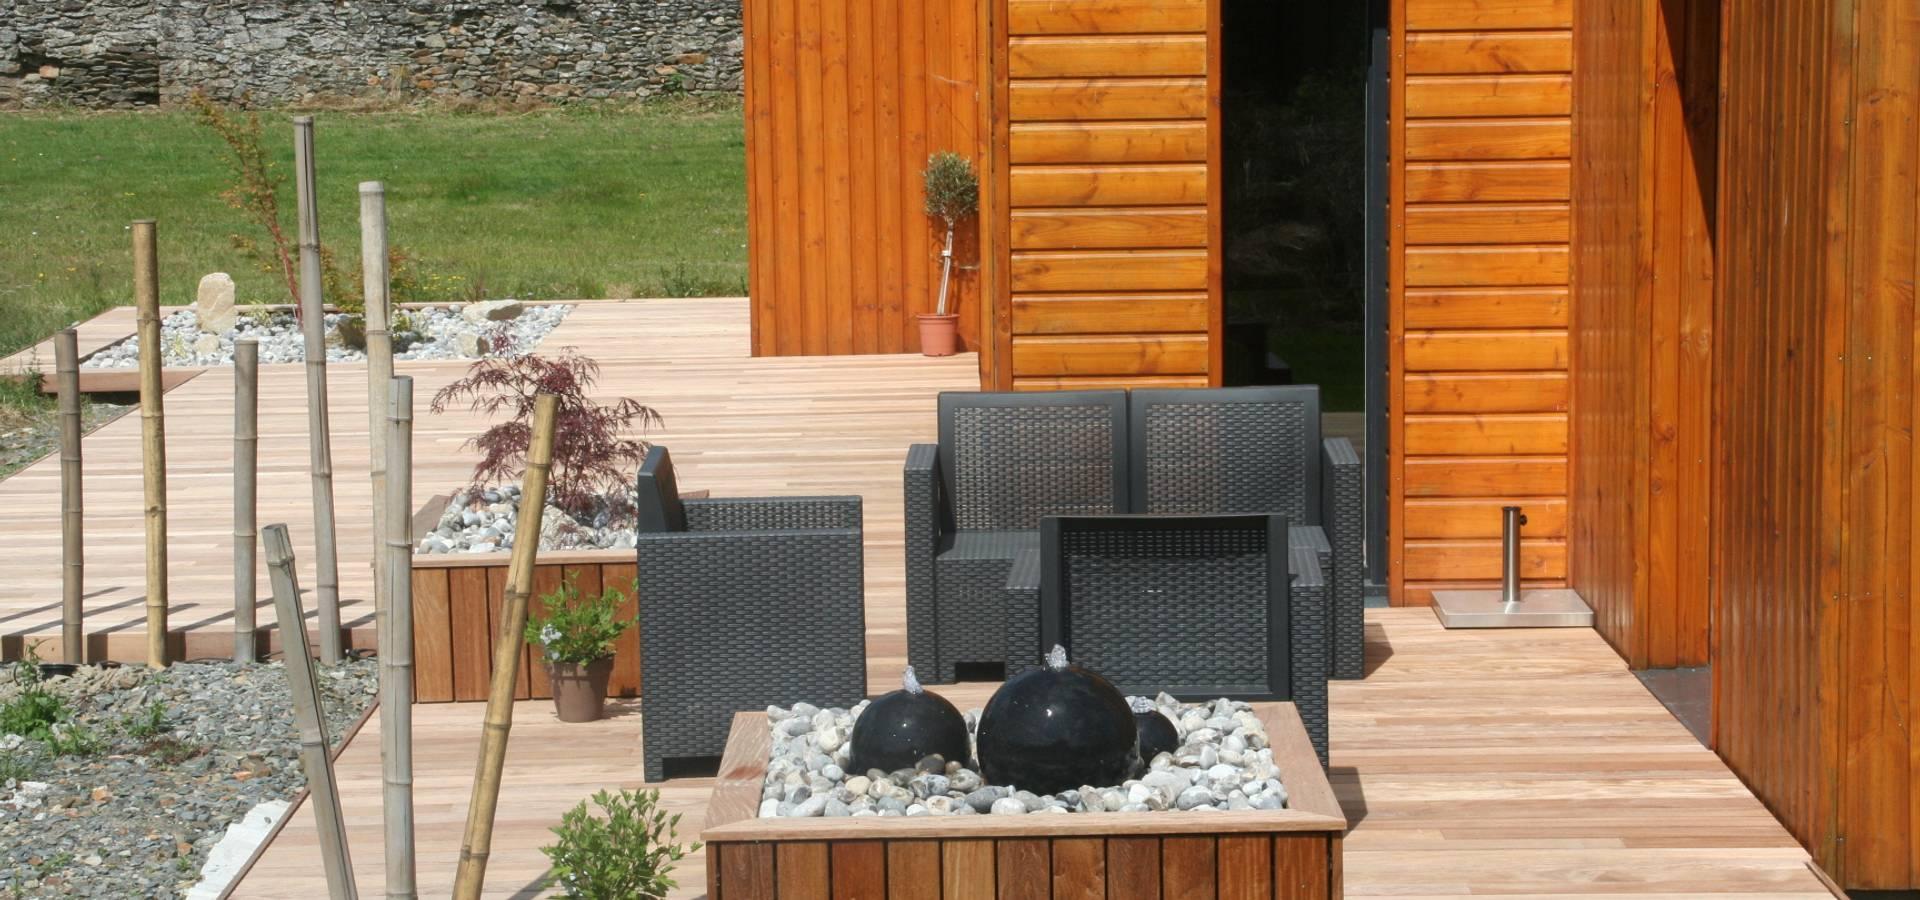 parterre avec ardoise parterre avec cailloux la galerie photos les jardins de bastide. Black Bedroom Furniture Sets. Home Design Ideas